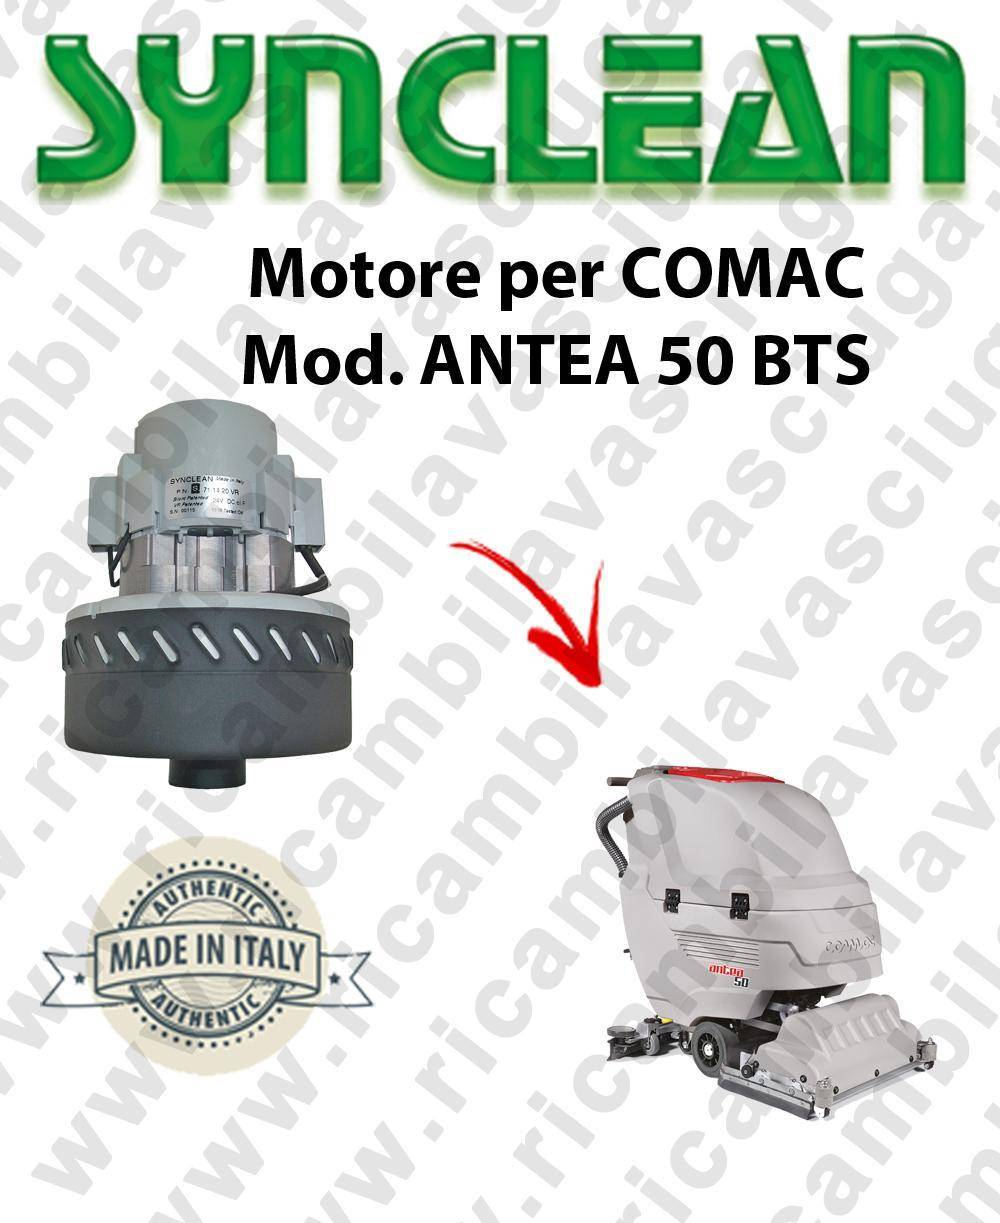 Comac ANTEA 50 BTS Motore aspirazione SYNCLEAN per lavapavimenti